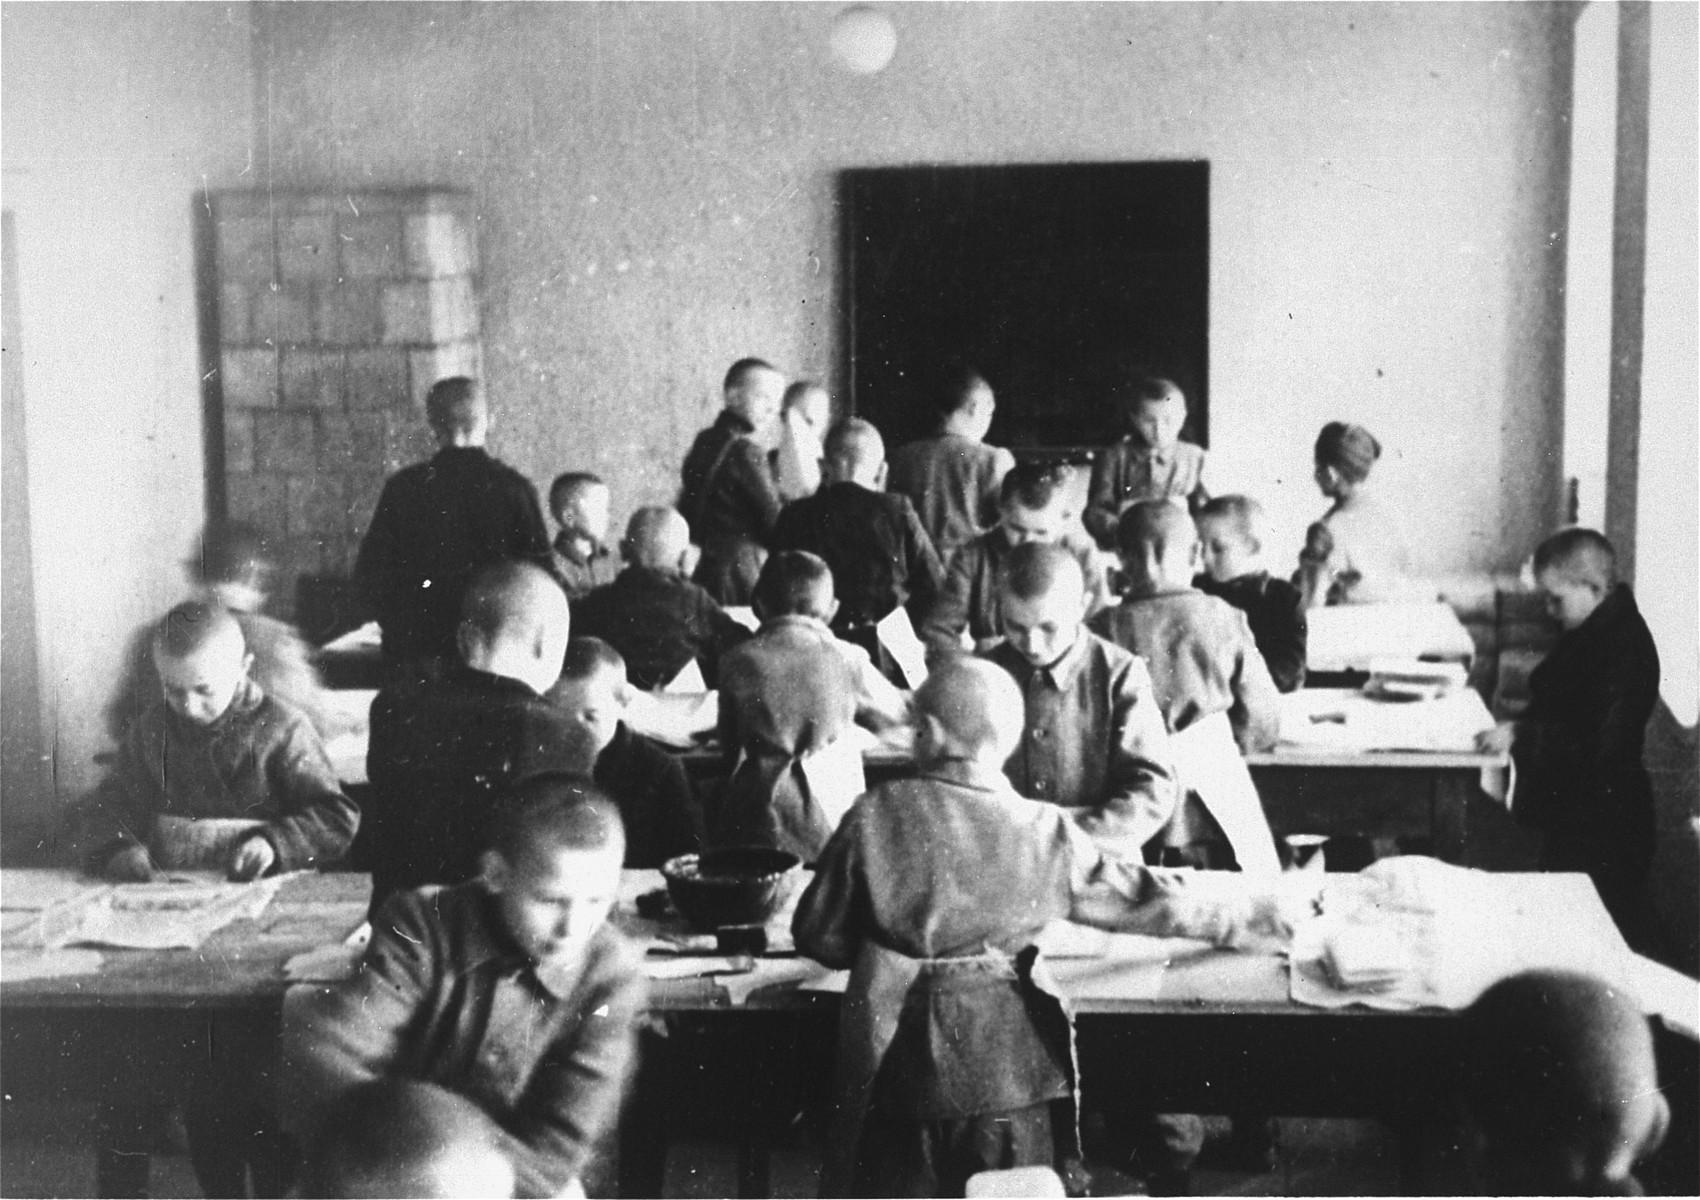 Young Polish children work in a workshop in the Jugendschutzlager Litzmannstadt.